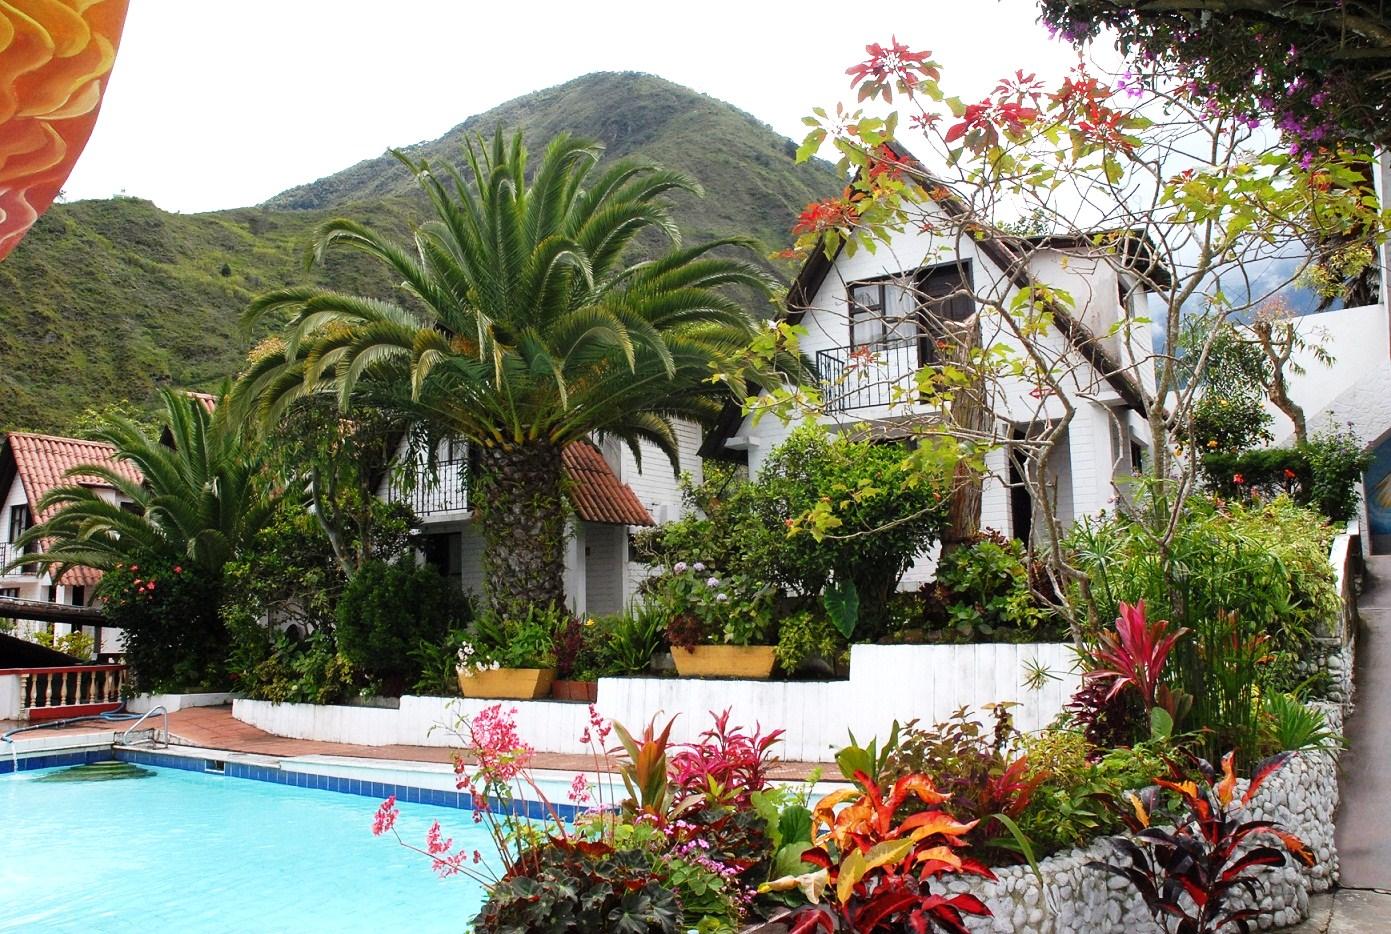 Hosteria bascun banos ecuador directorio local banos - Hoteles en banos ecuador ...